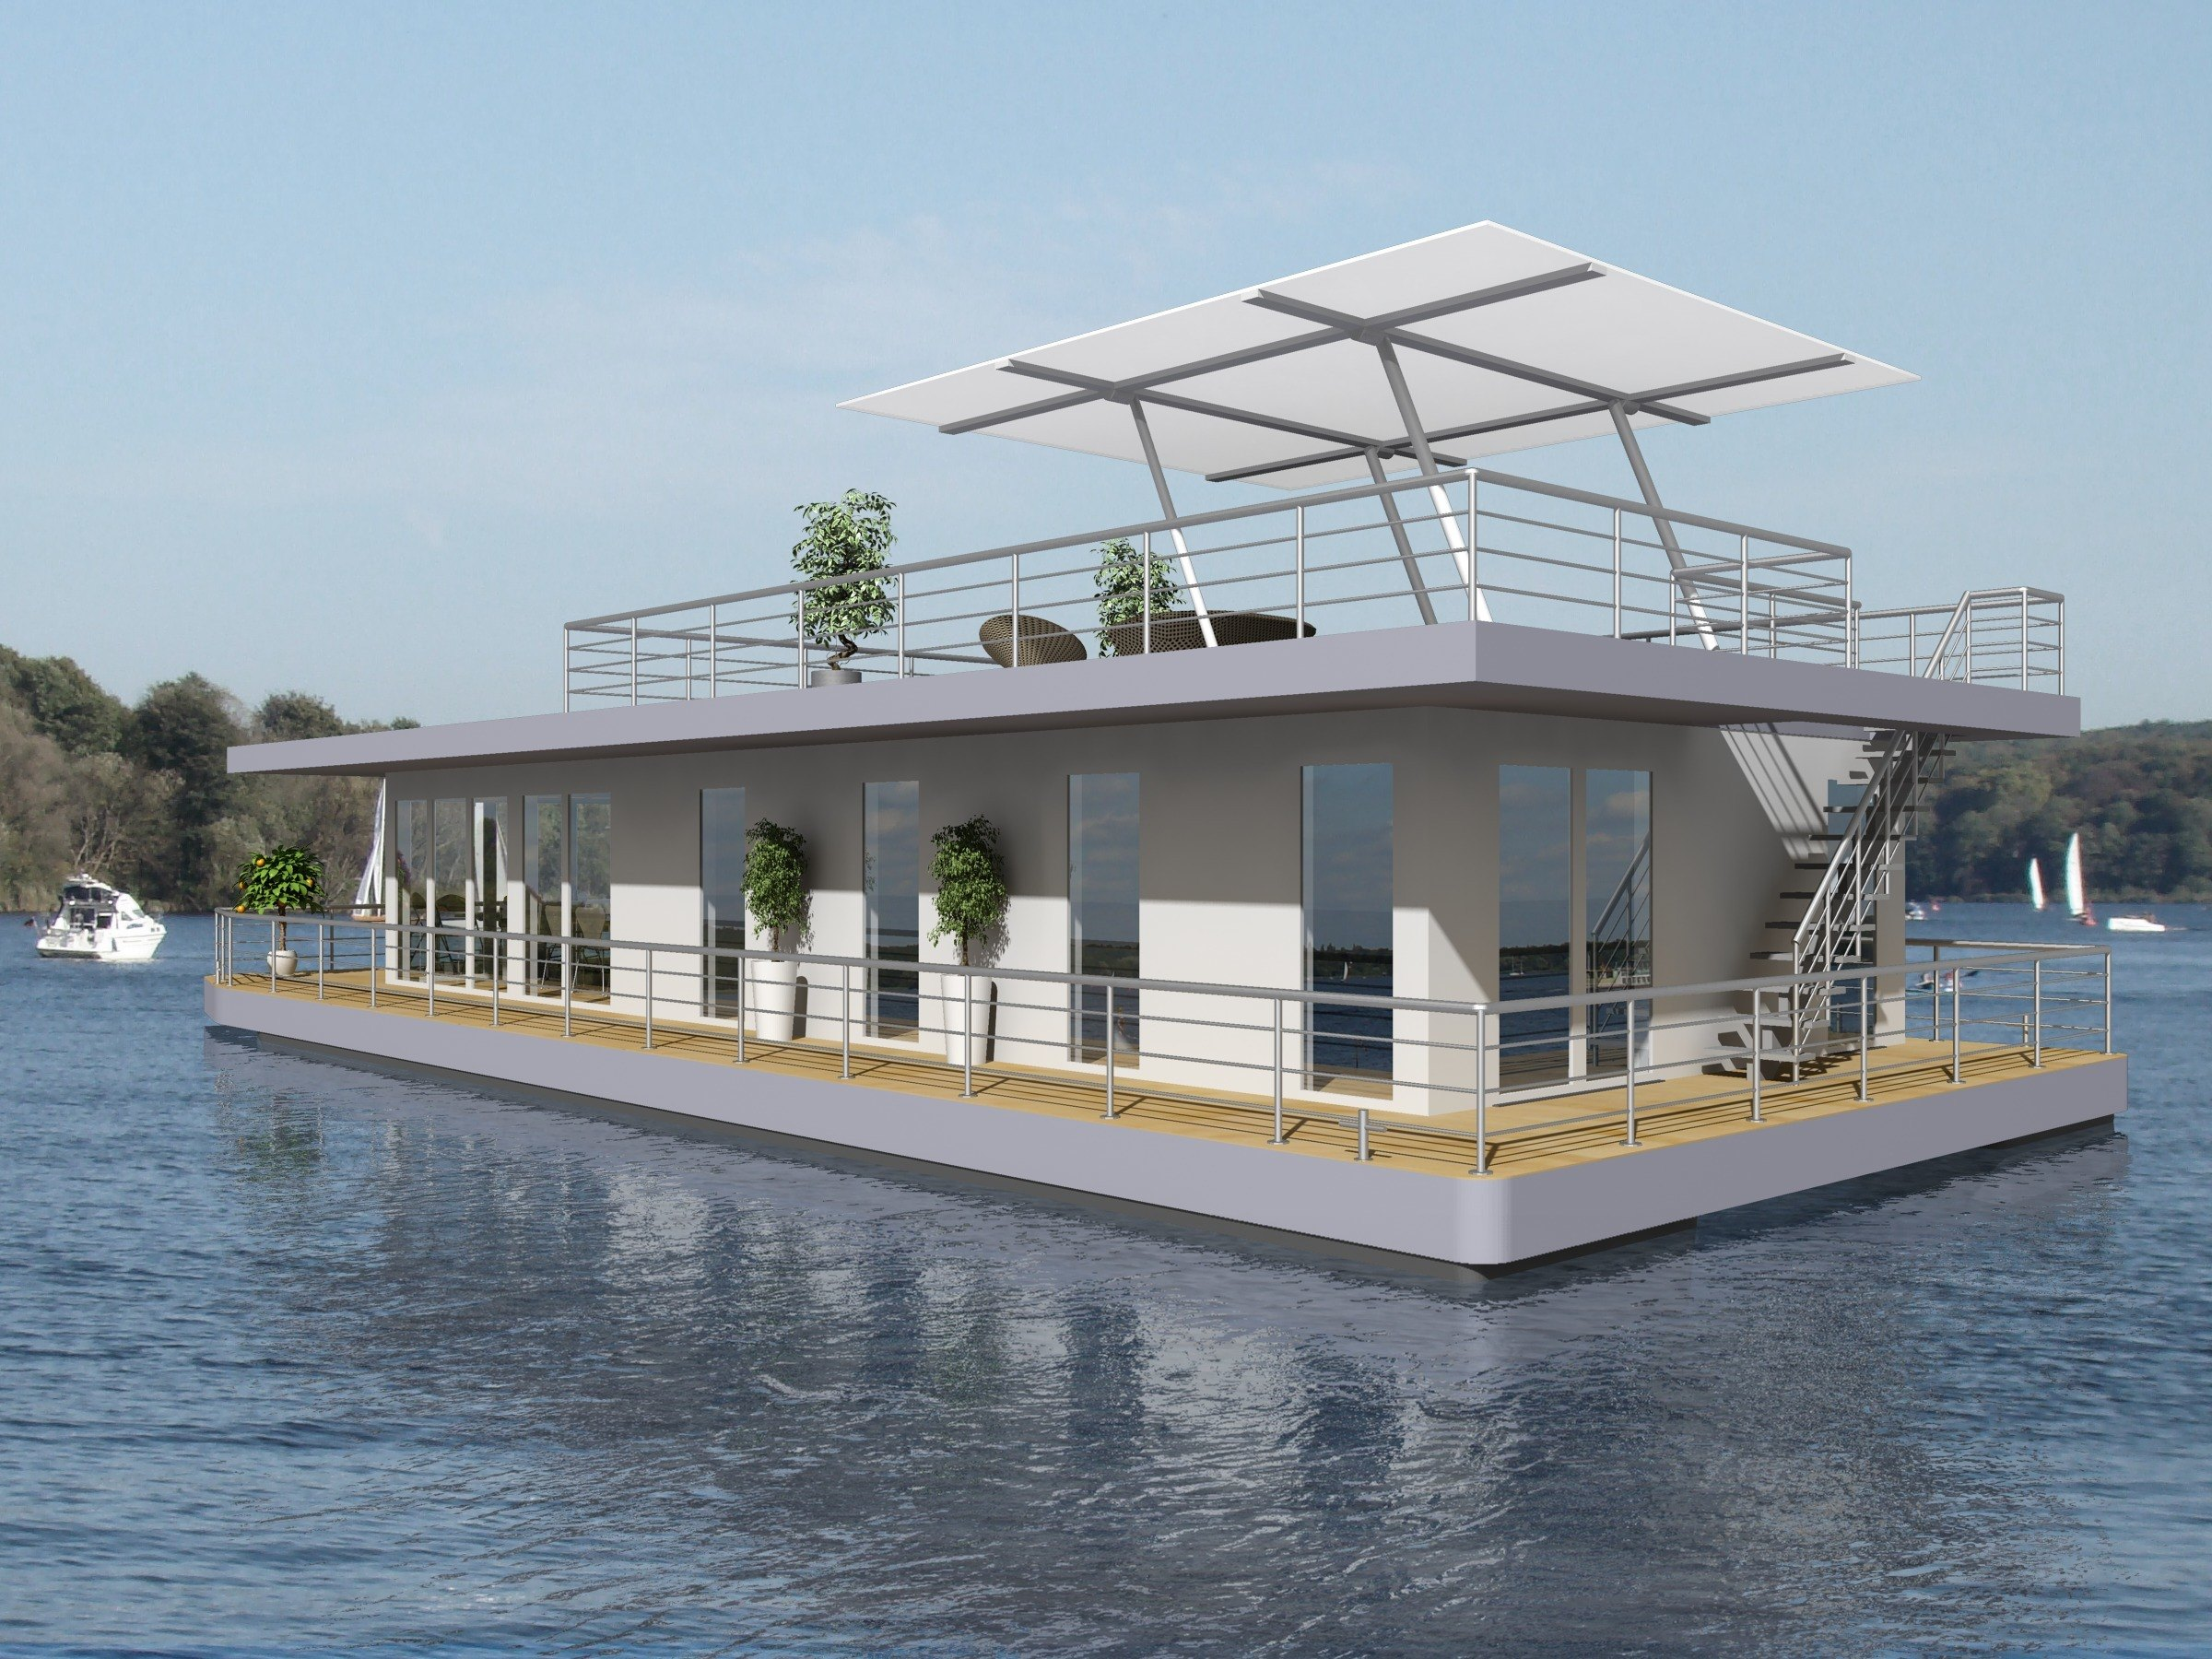 elektro-hausboot von nautic living - modern und individuell gestaltbar